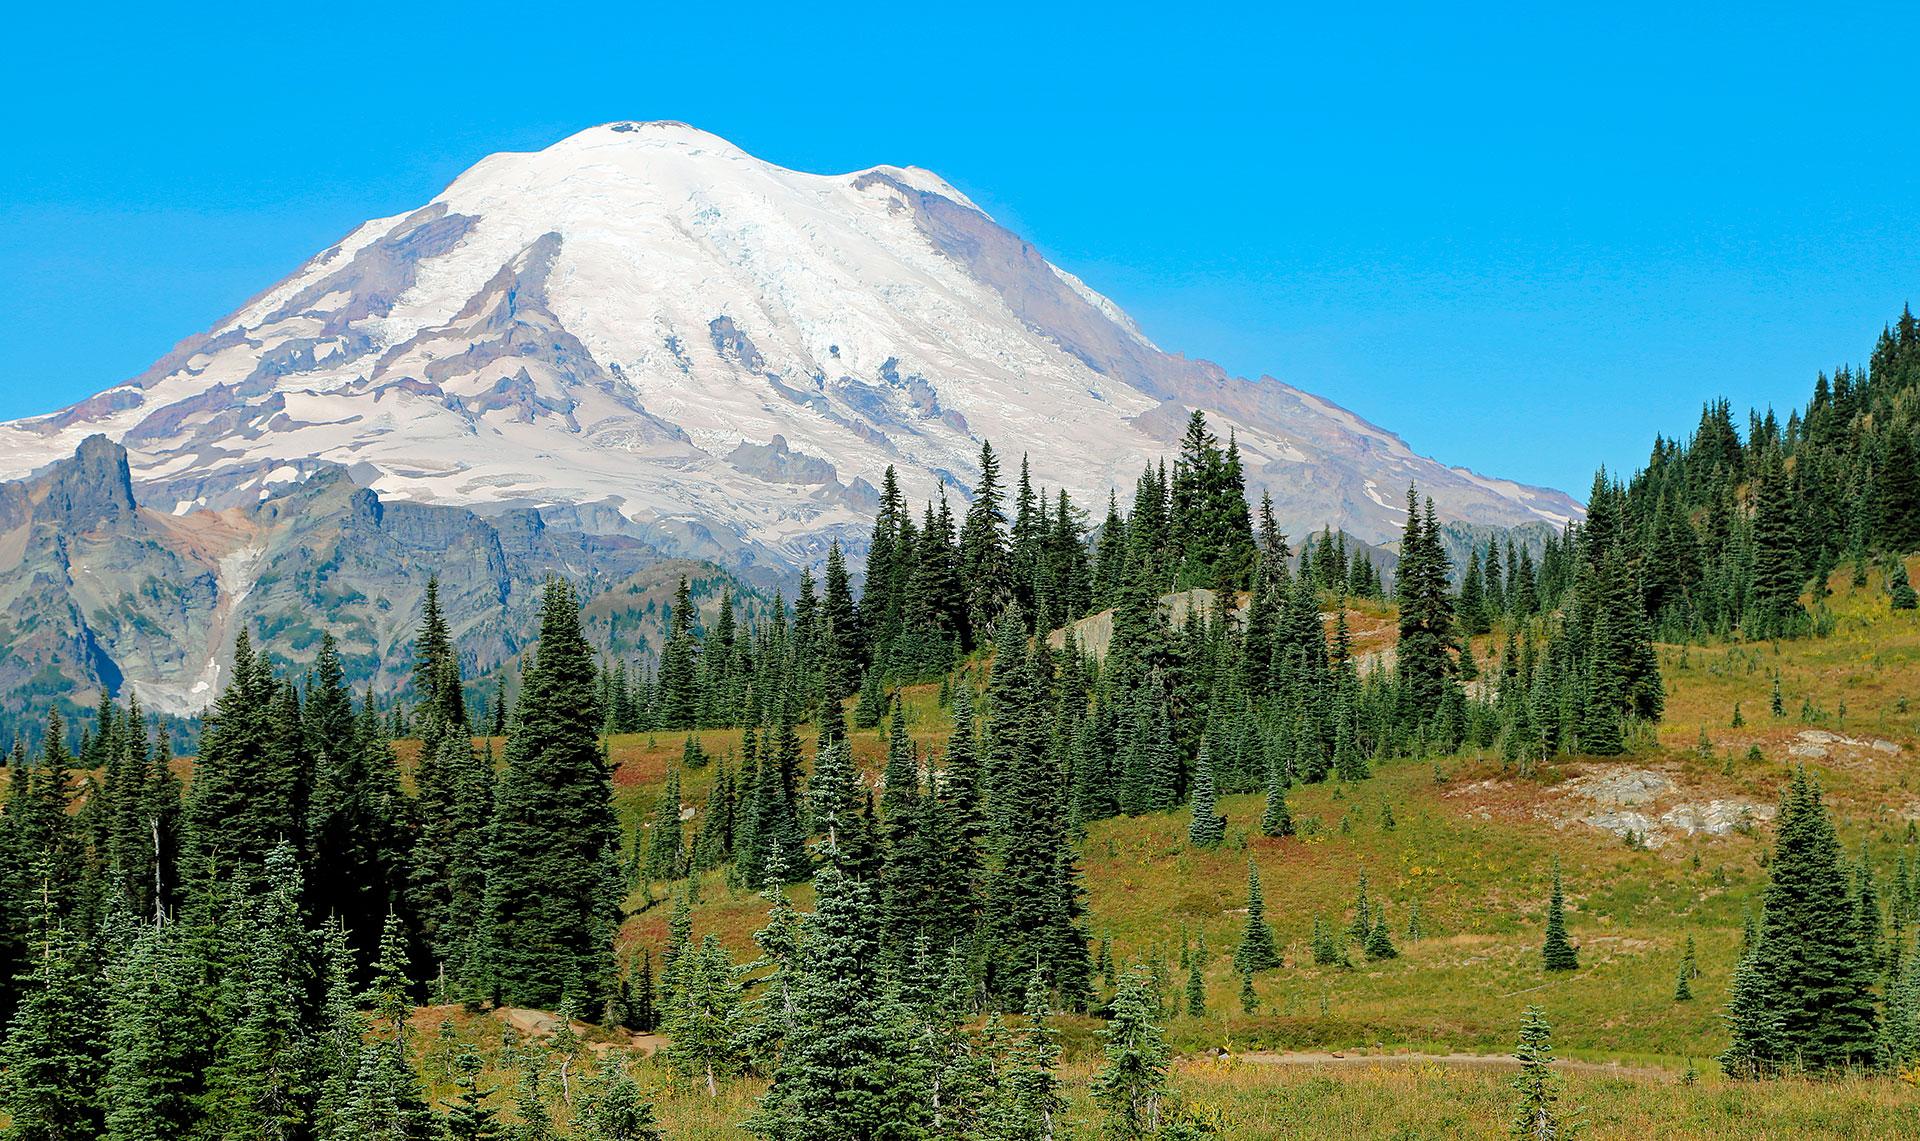 Tiene una impresionante altura de 4392 metros. La última vez que entró en erupción fue en 1894